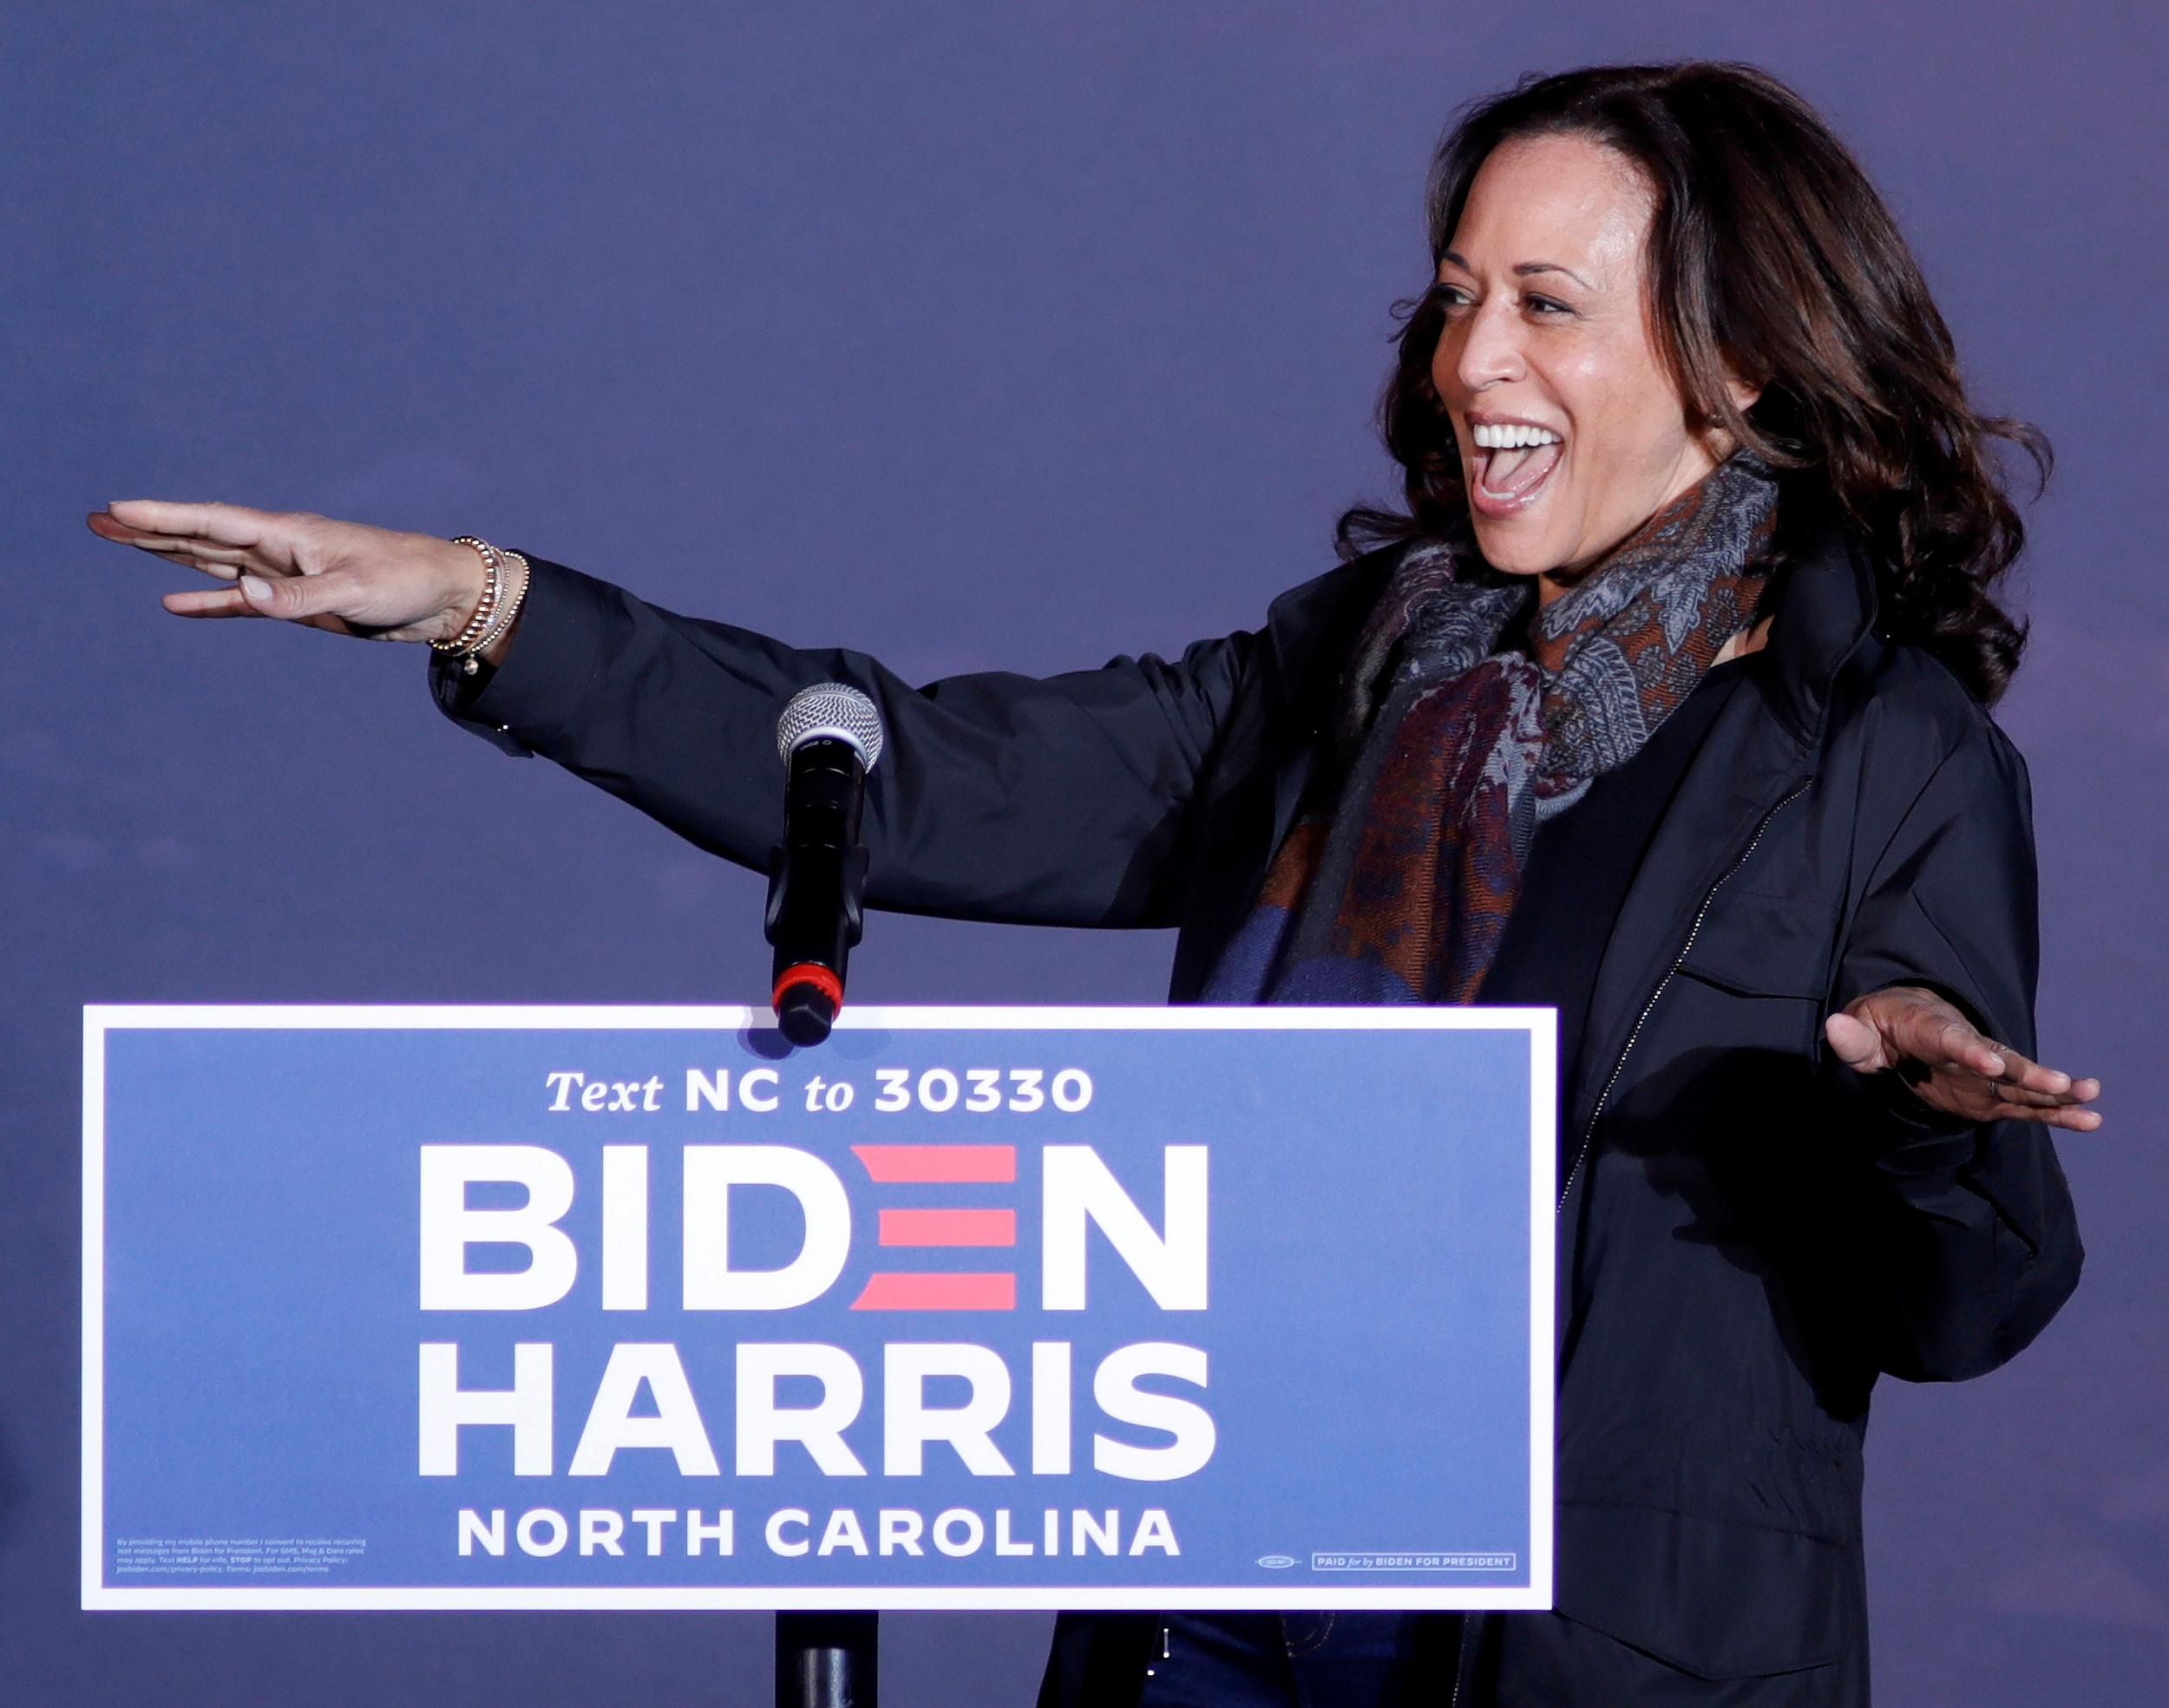 Καμάλα Χάρις αμερικανικές εκλογές